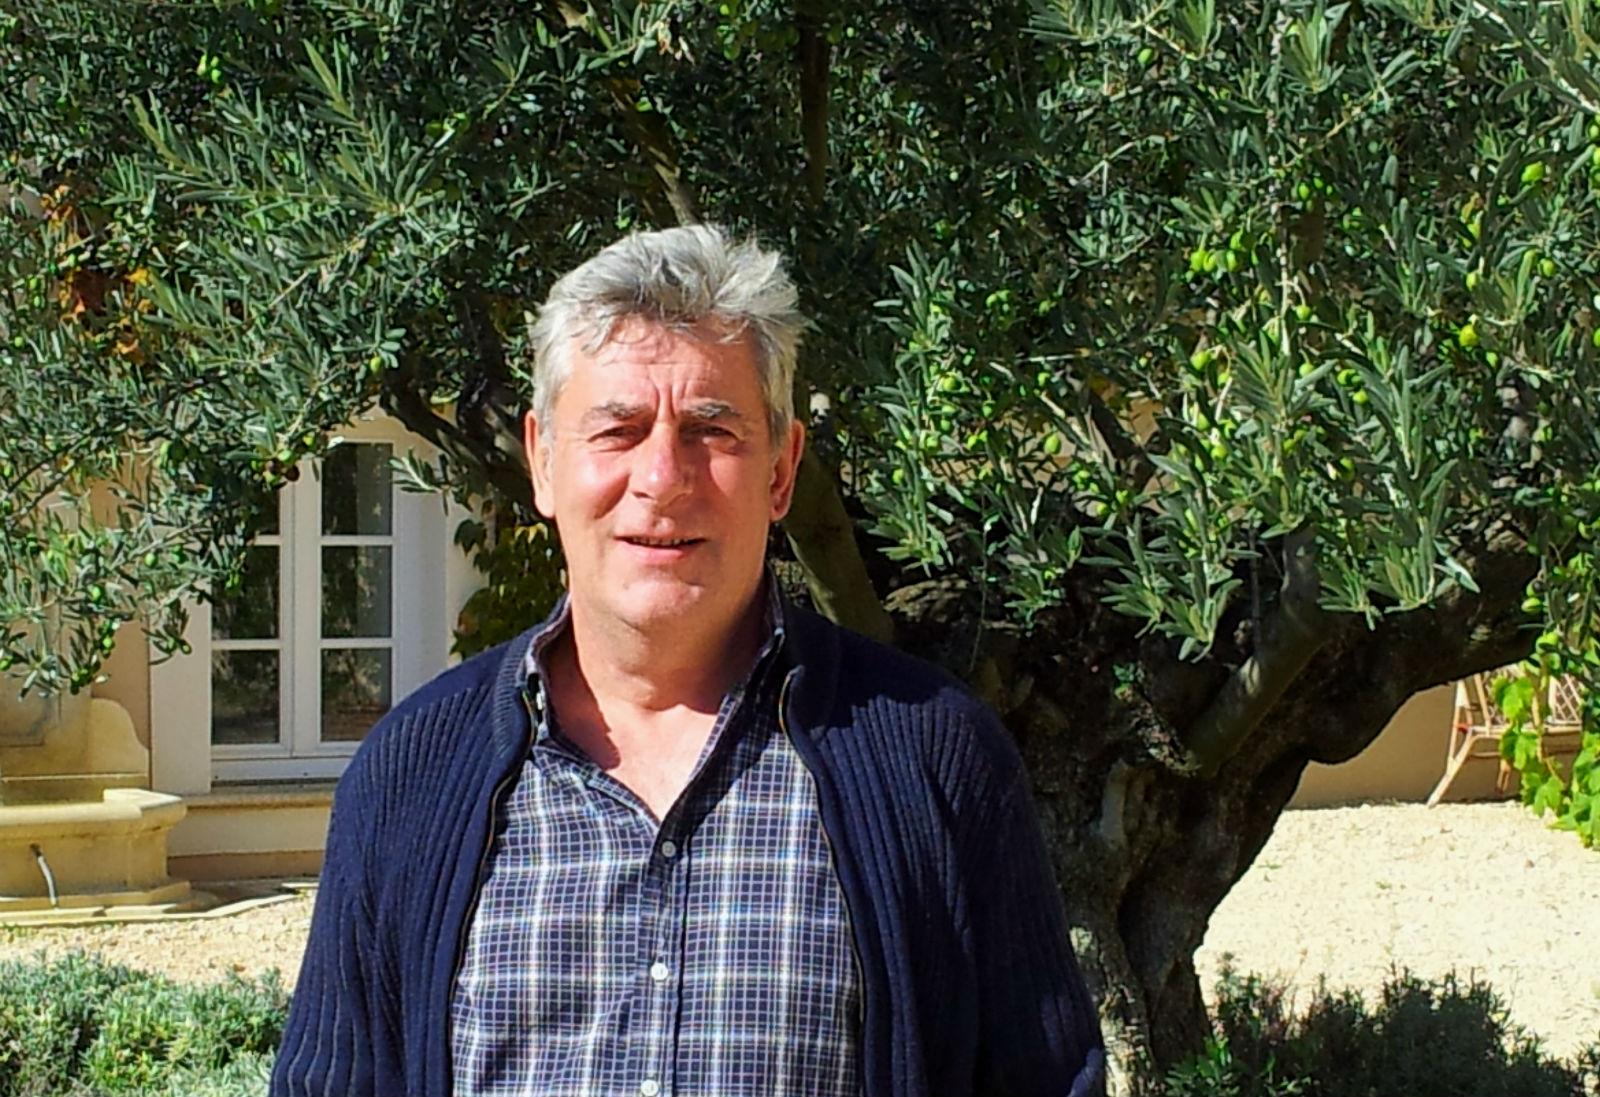 Spätberufener Winzer: Jérôme Barancourt